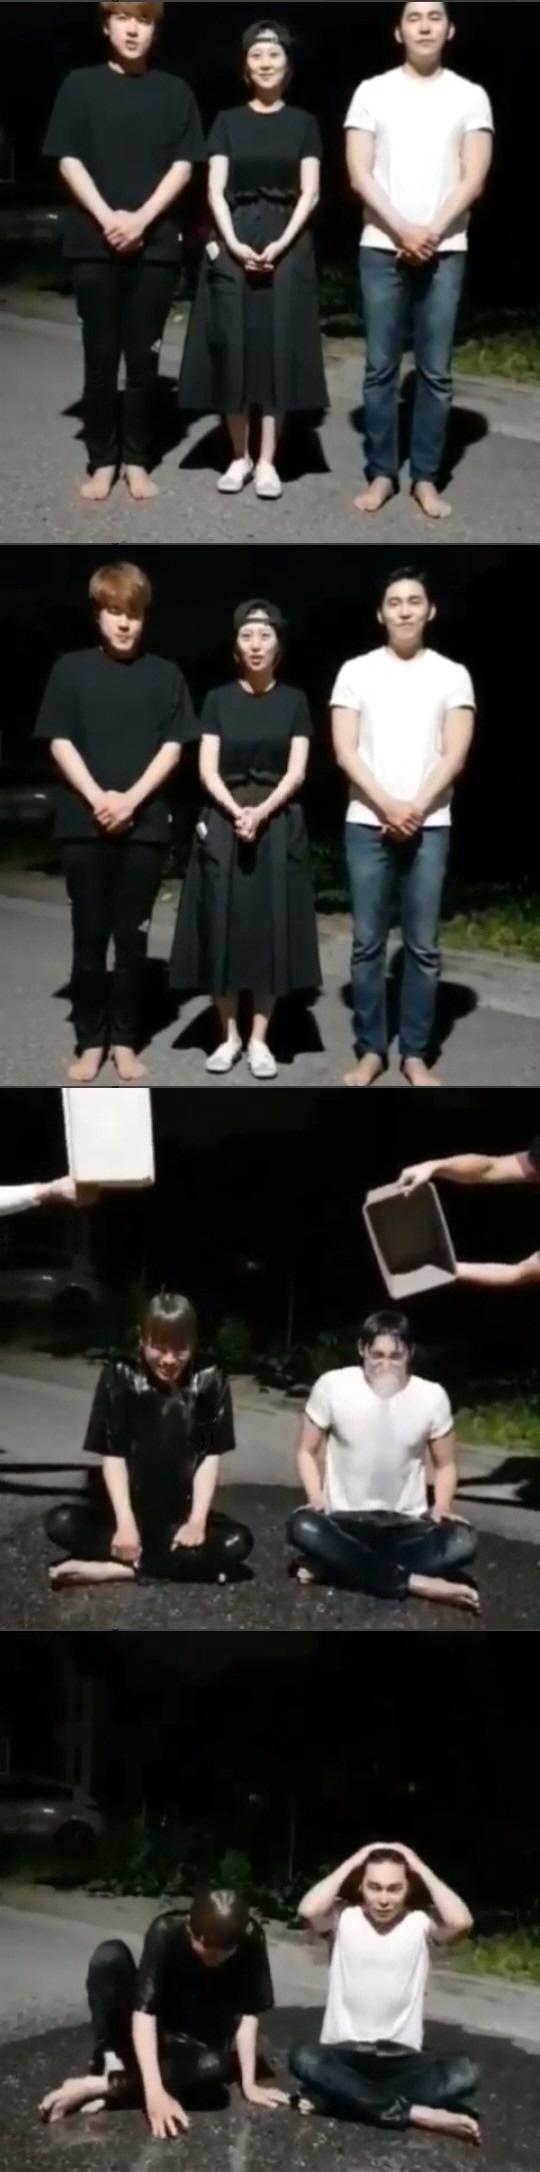 트로트 그룹 나무 '아이스 버킷 챌린지' 동참 임신 중인 장윤정 대신